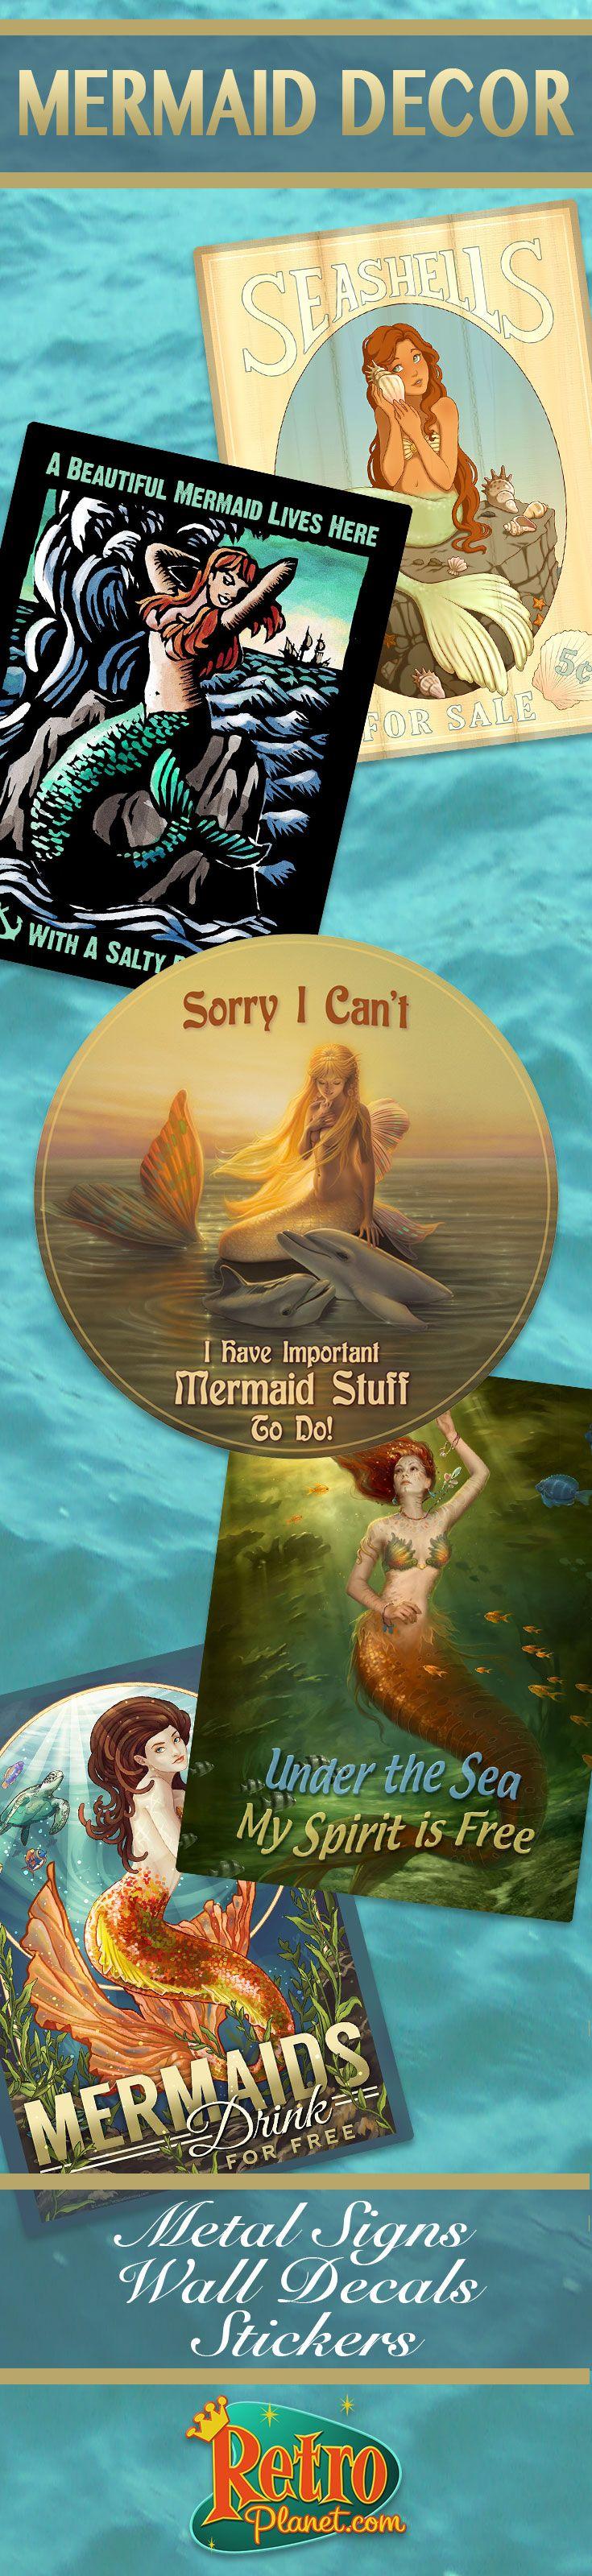 Best Mermaids Images Onmermaid Art Merfolk and